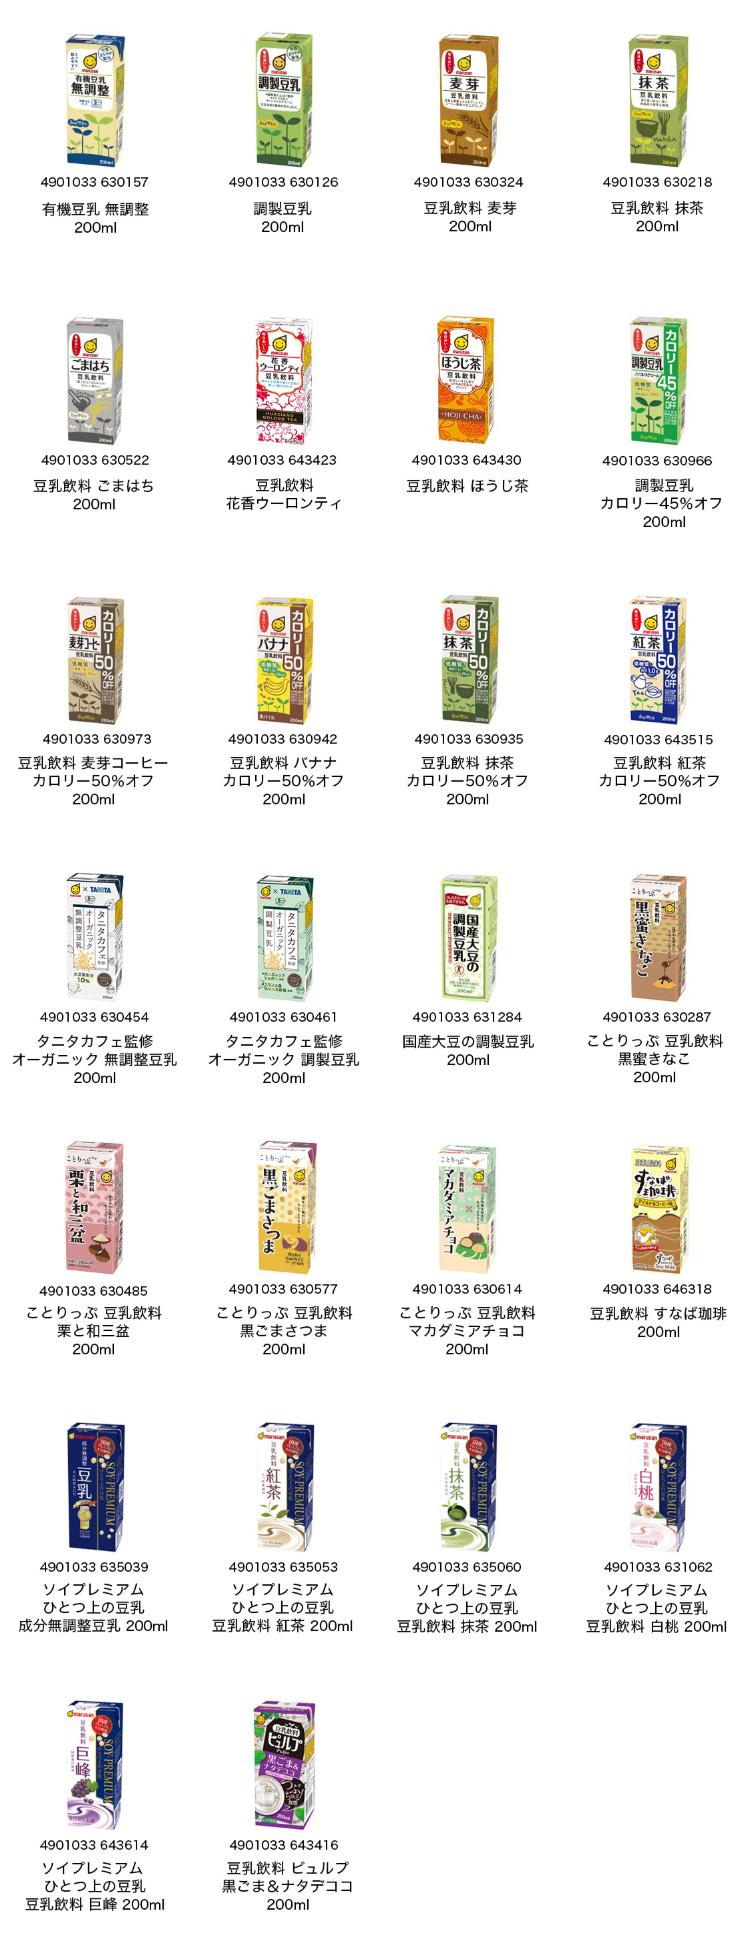 マルサン豆乳 懸賞キャンペーン2019~2020 バーコード1枚1点分の対象商品